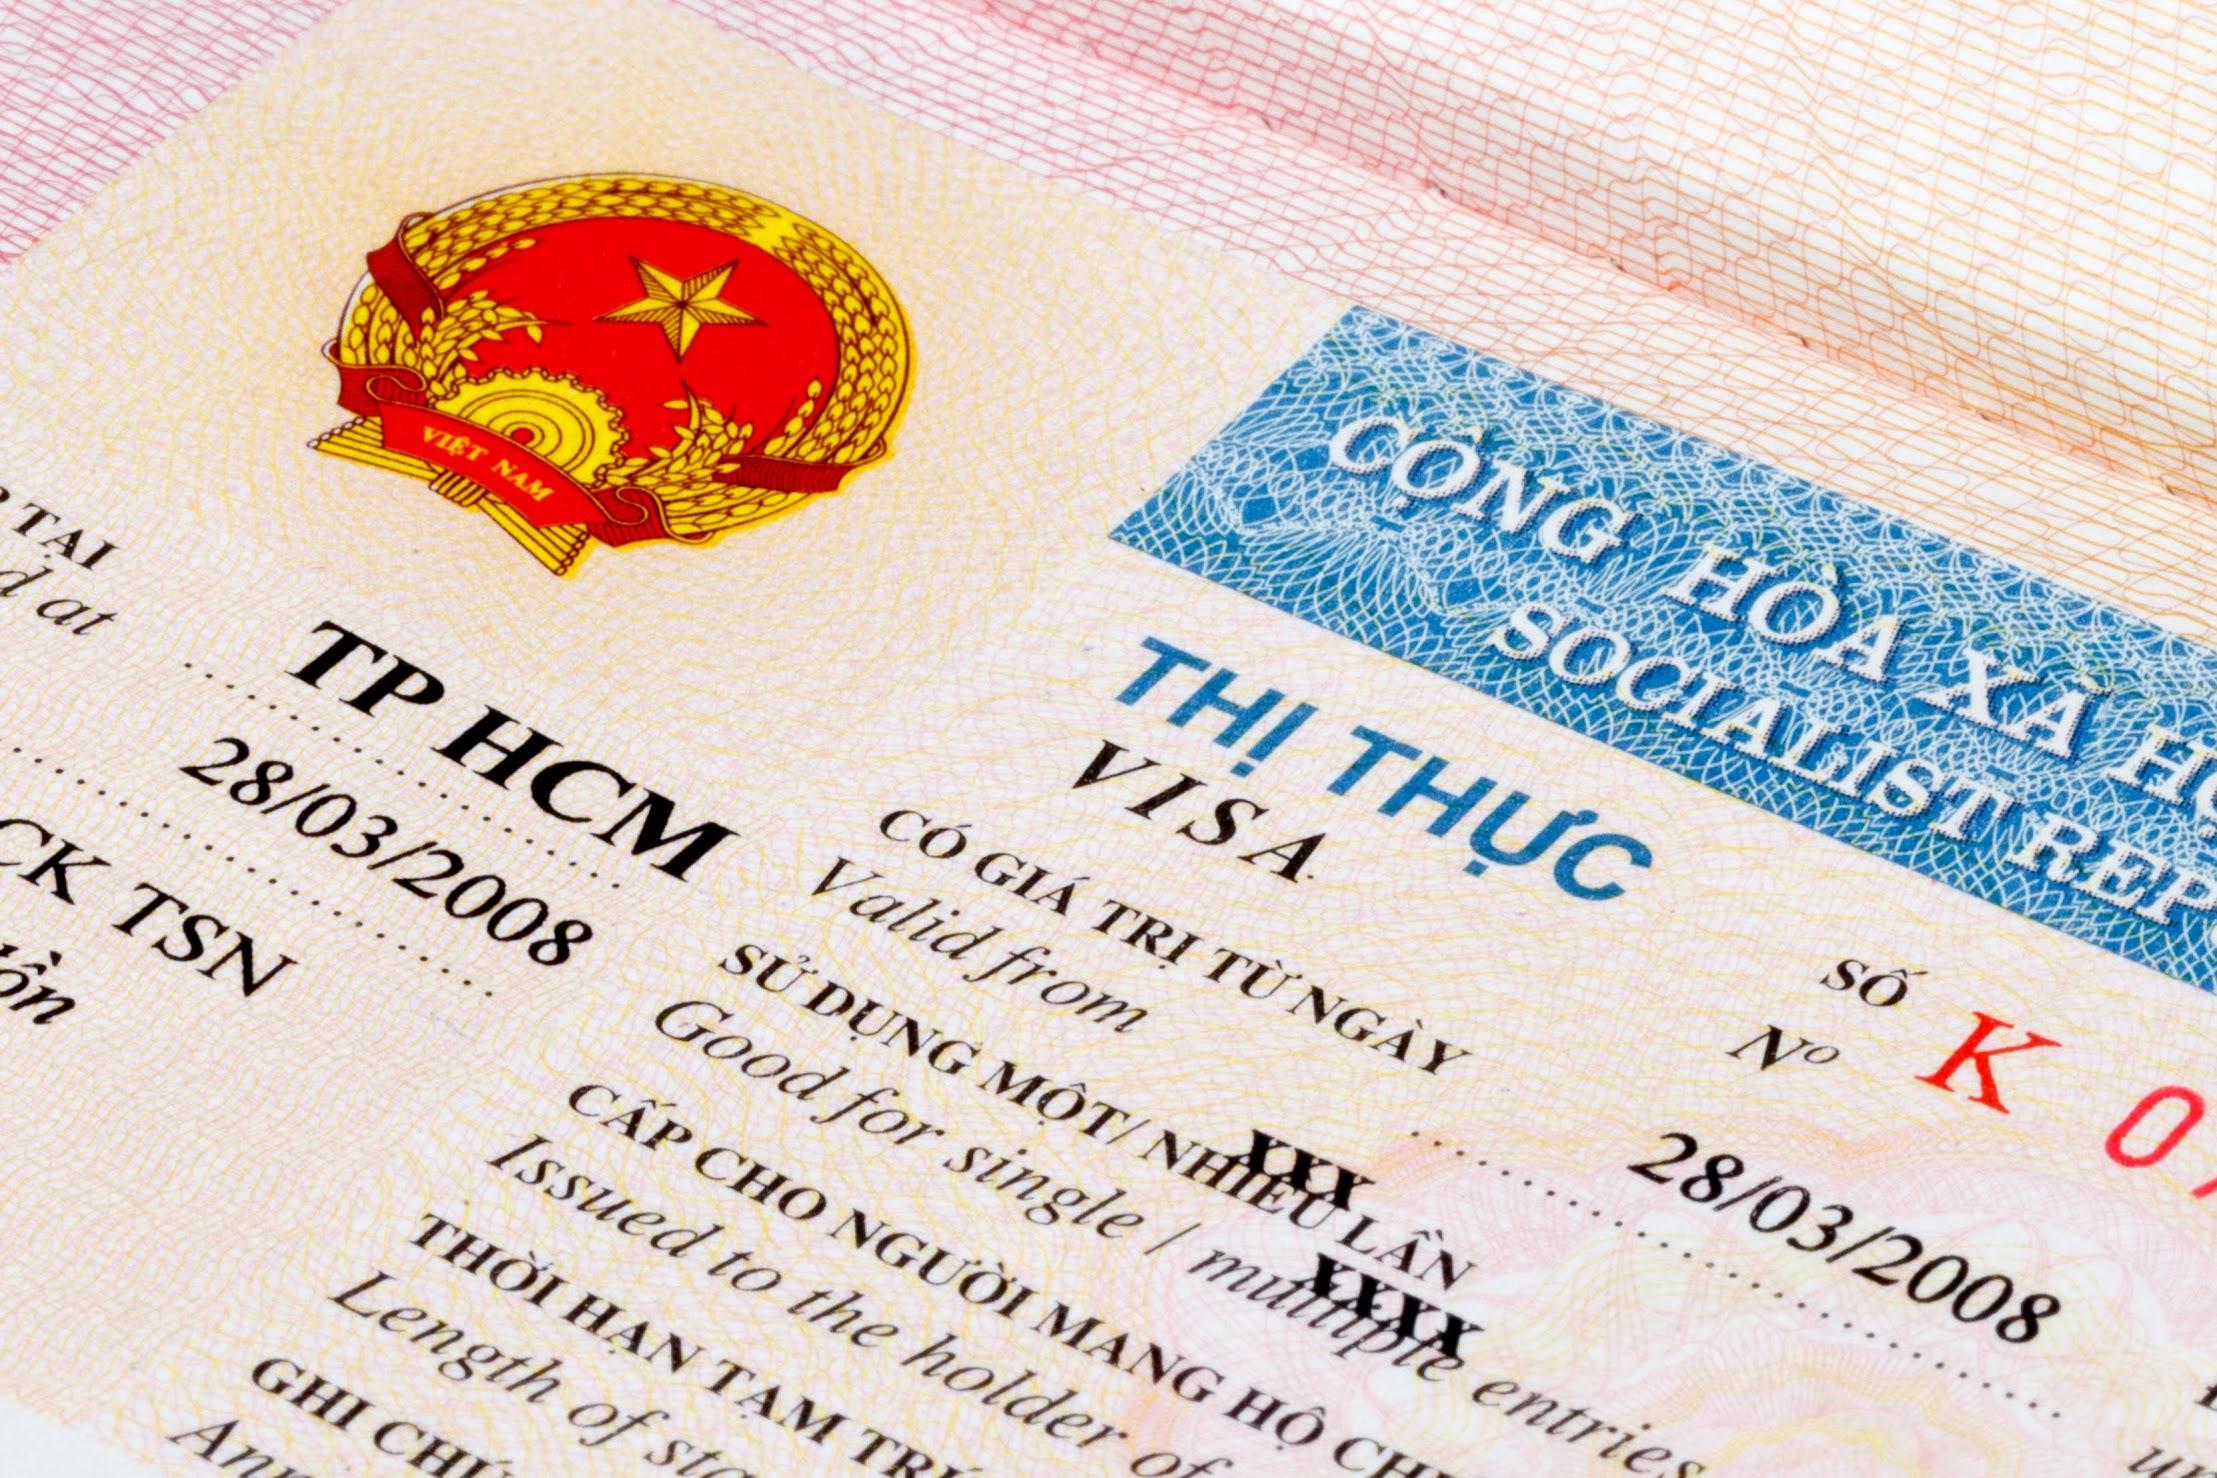 (更新2020)香港新護照(護照號碼以H開頭)、簽證身份書(HKDI)和BNO護照不可以申請越南電子簽證